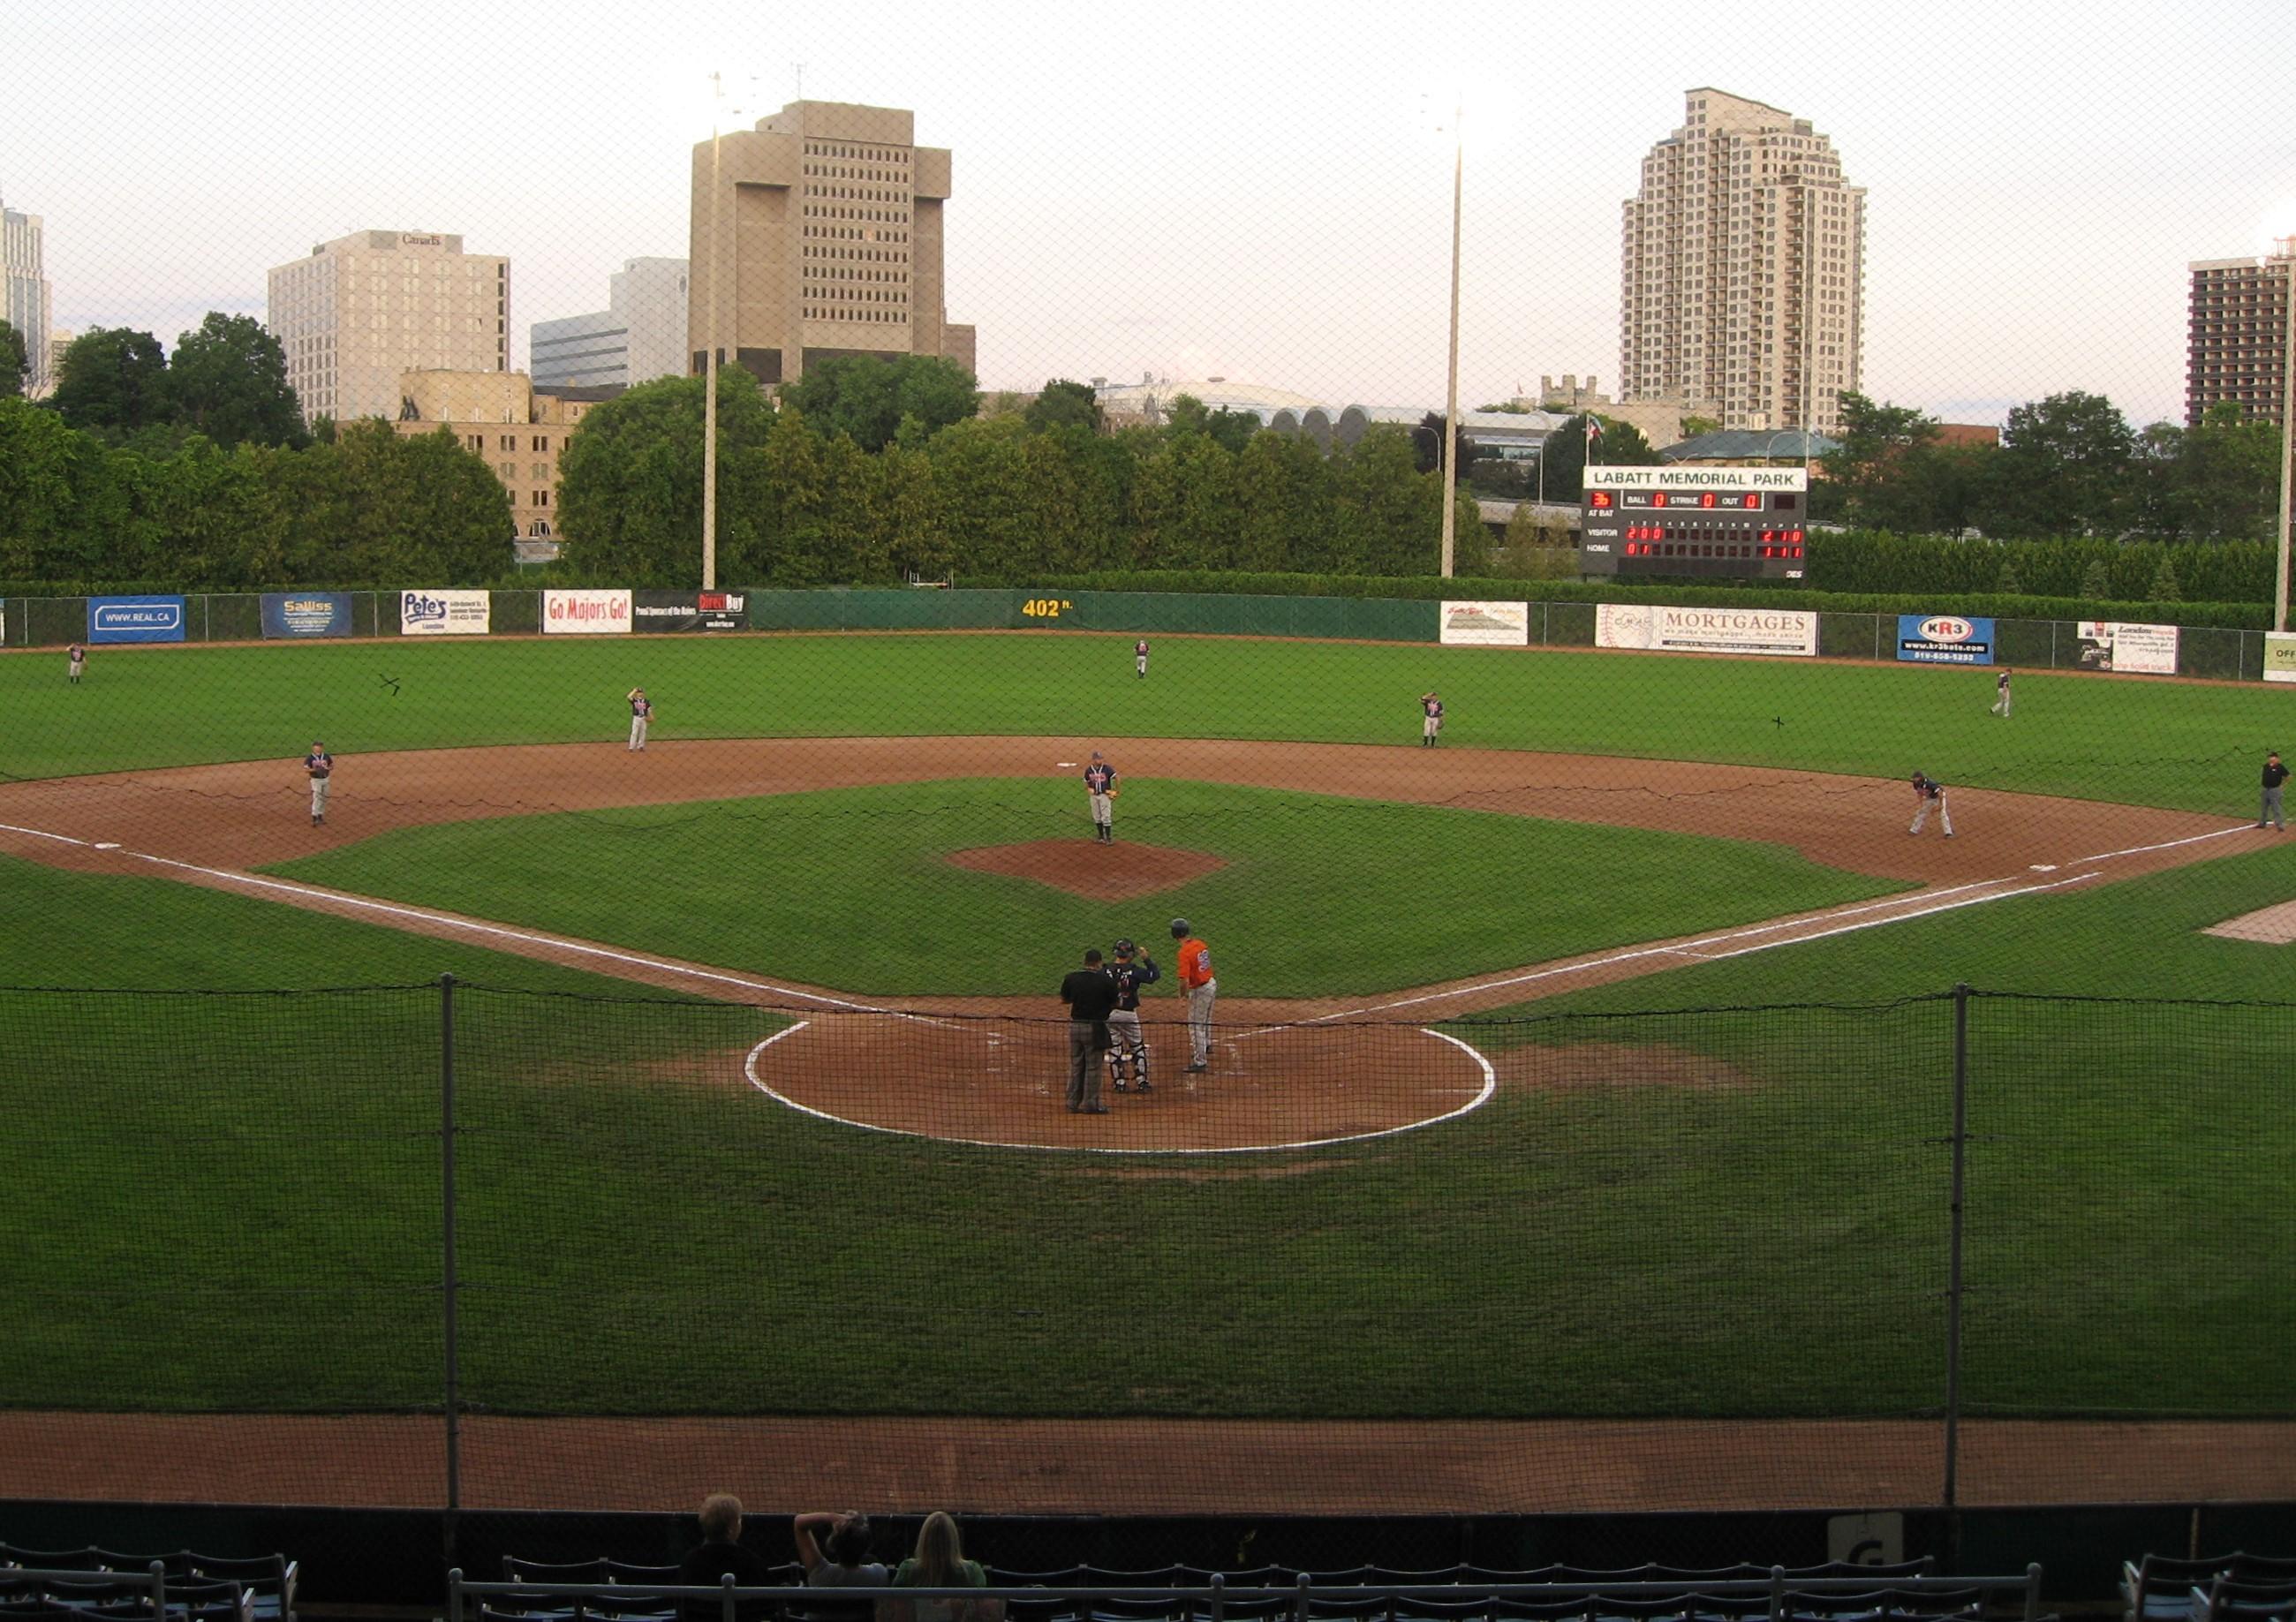 オンタリオ州ロンドンにある1877年建造の現存世界最古の野球場、ラバット・メモリアル・パーク